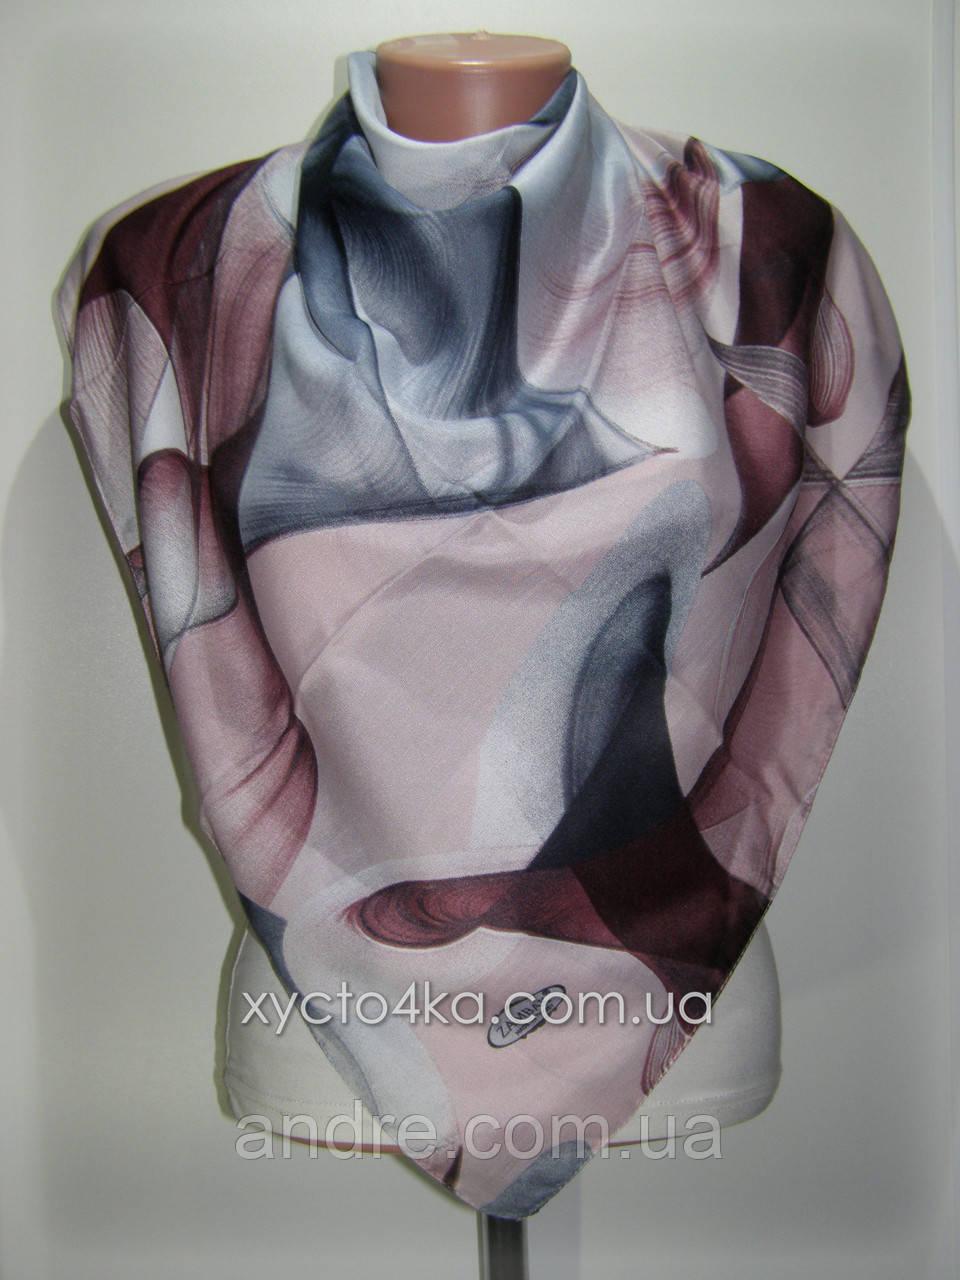 Лёгкий платок на натуральной основе, серый с розовым